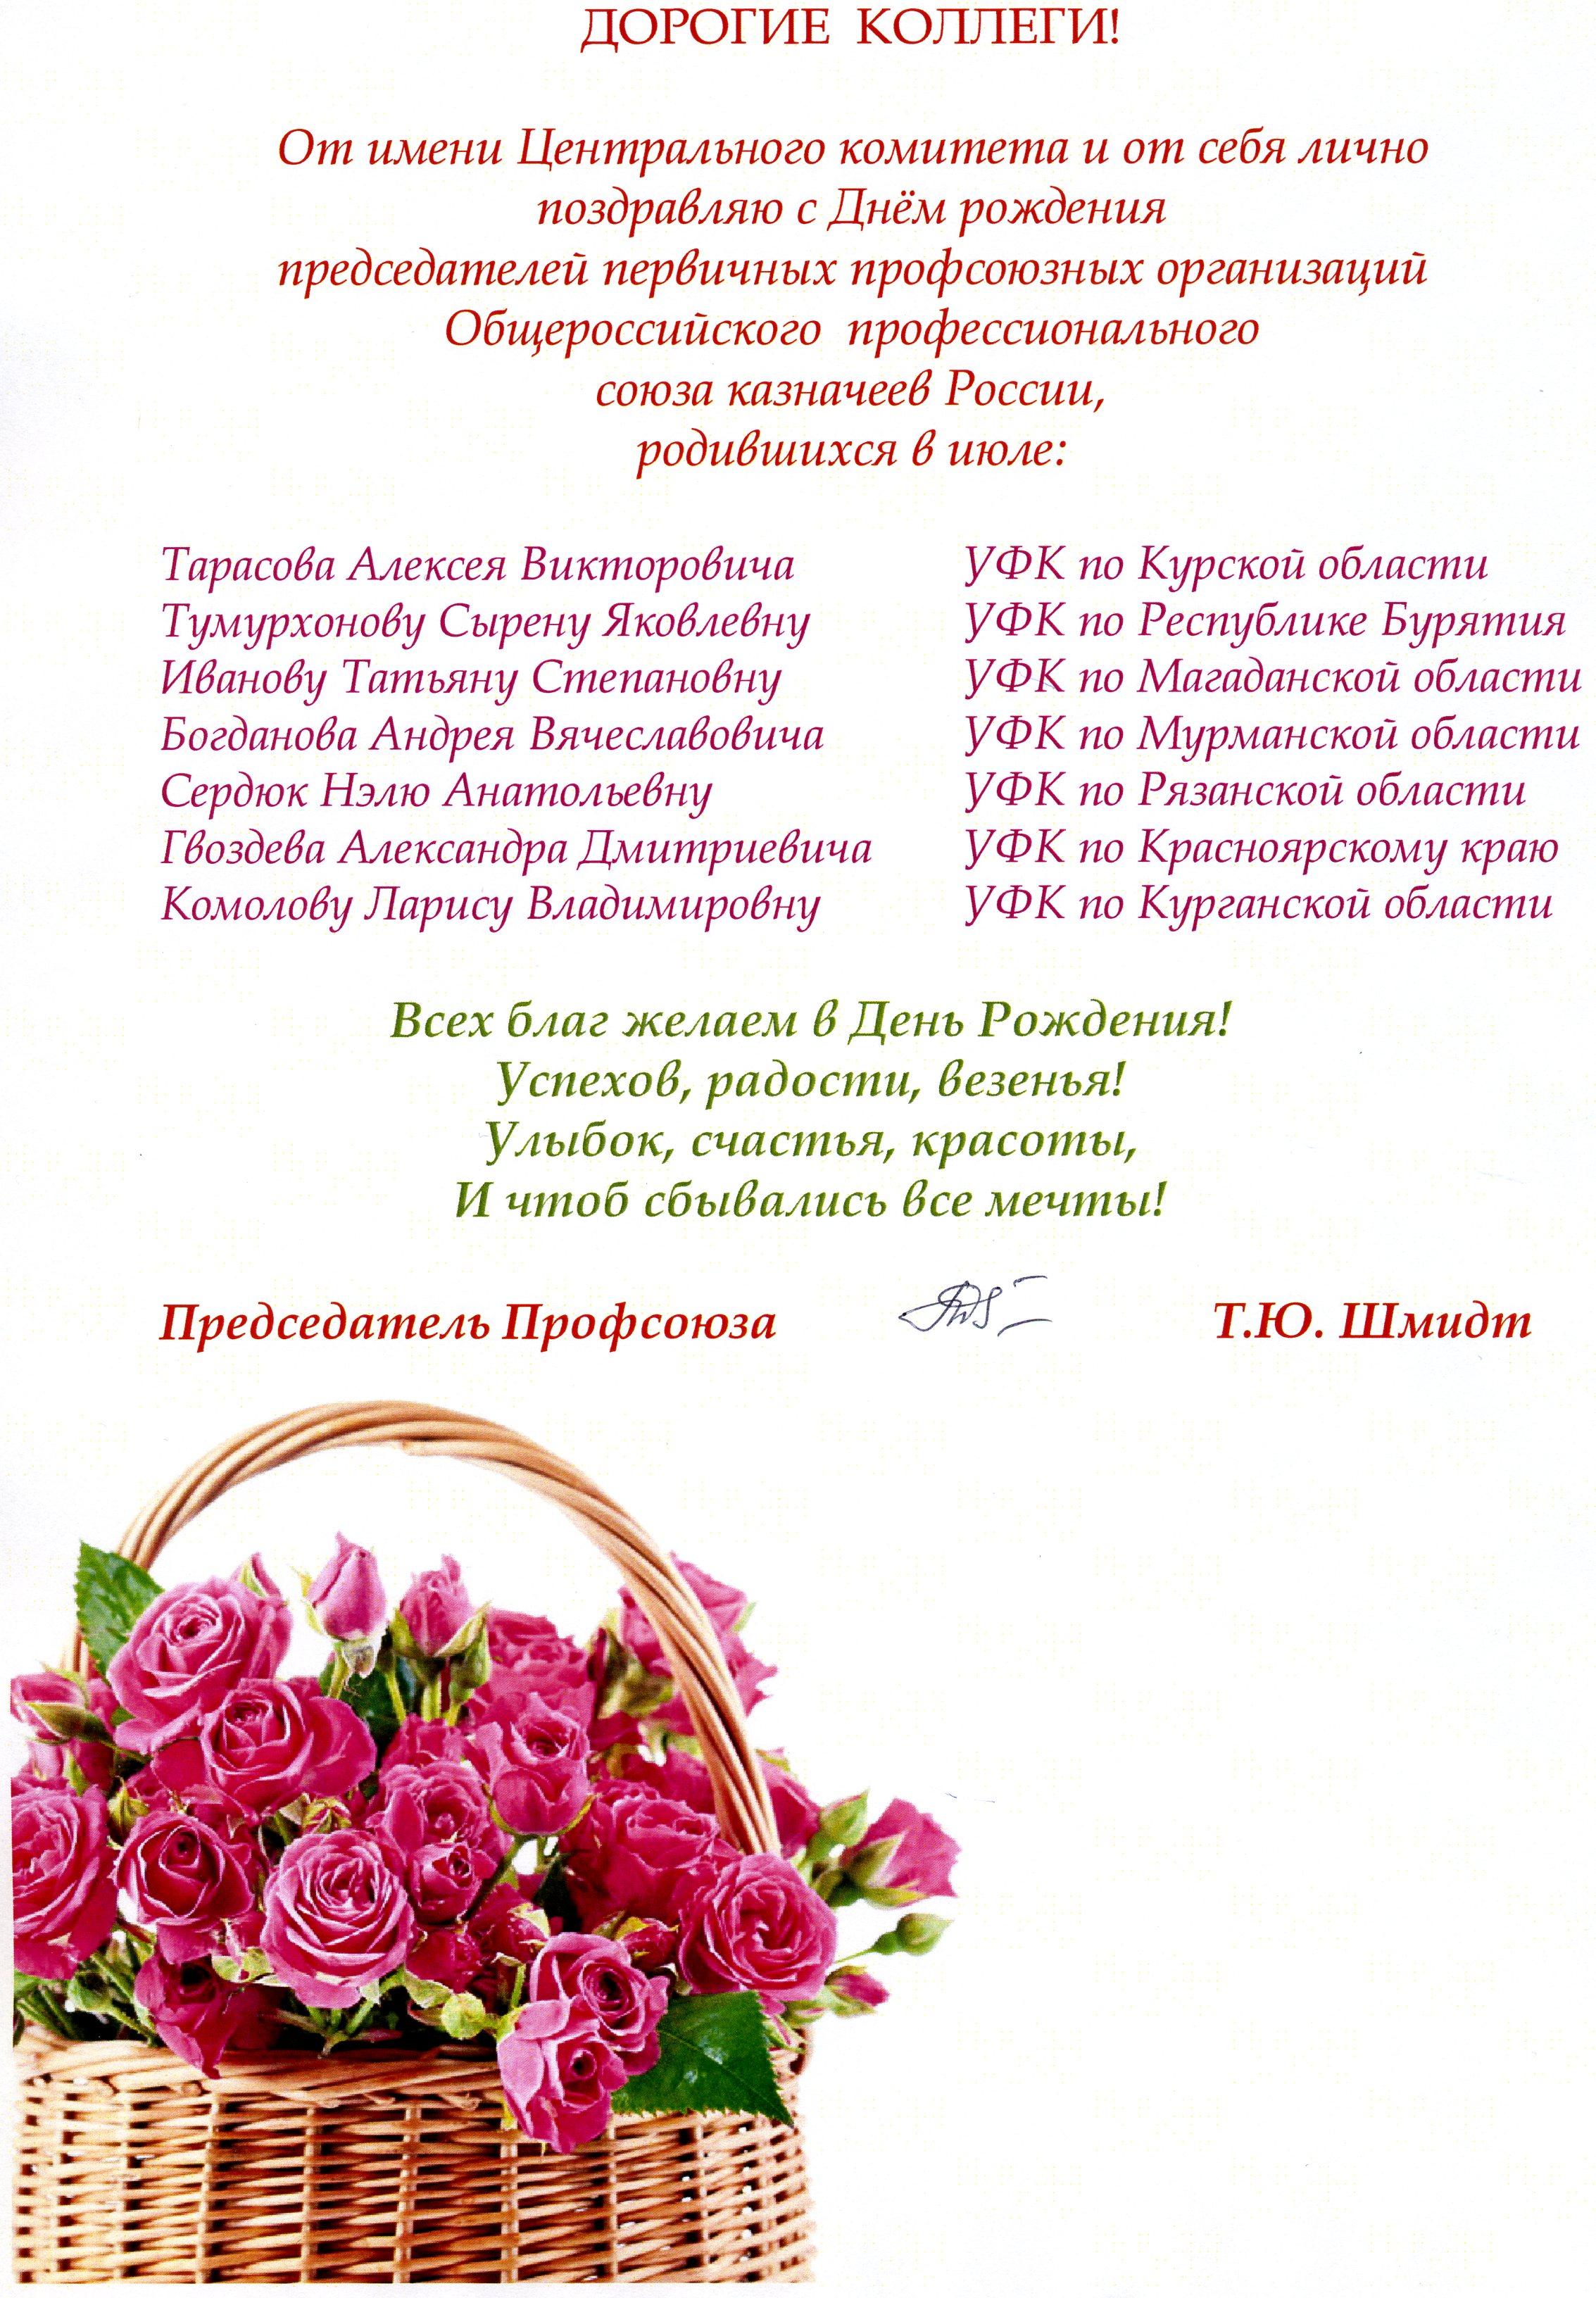 Поздравления с днем рождения председателя тсж